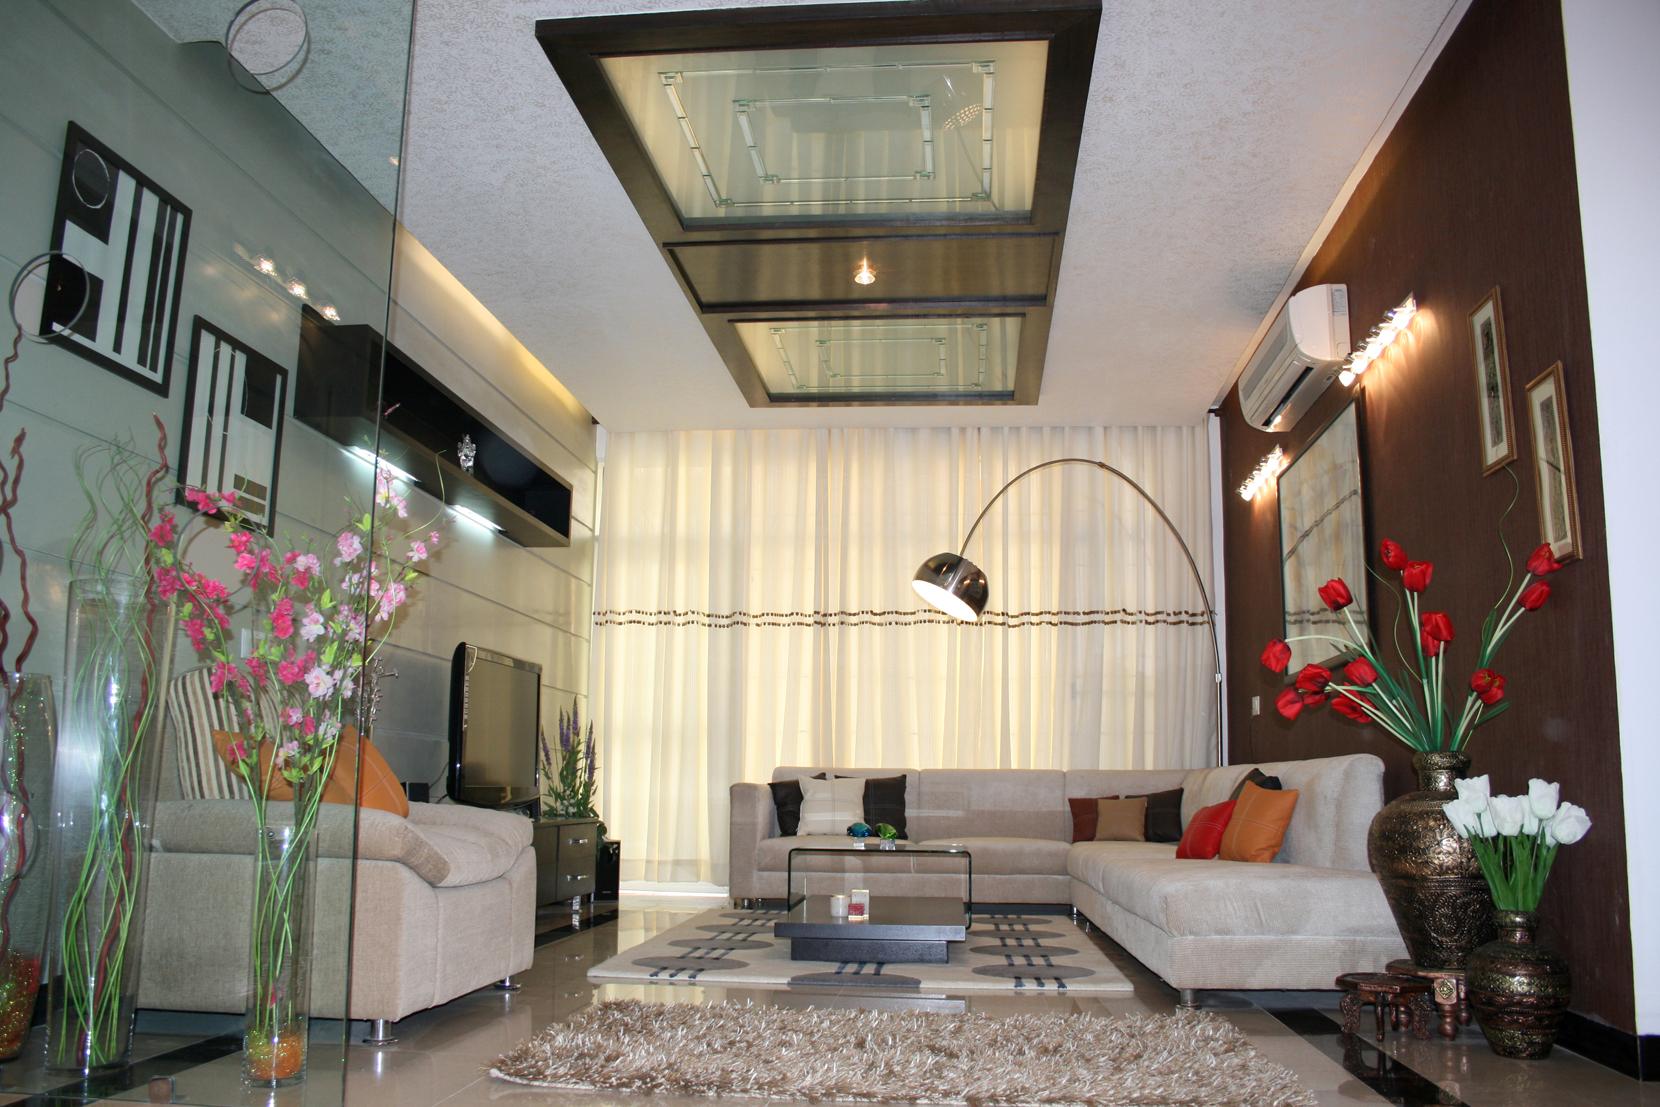 architecture design delhi india - Architecture Design For Home In Delhi